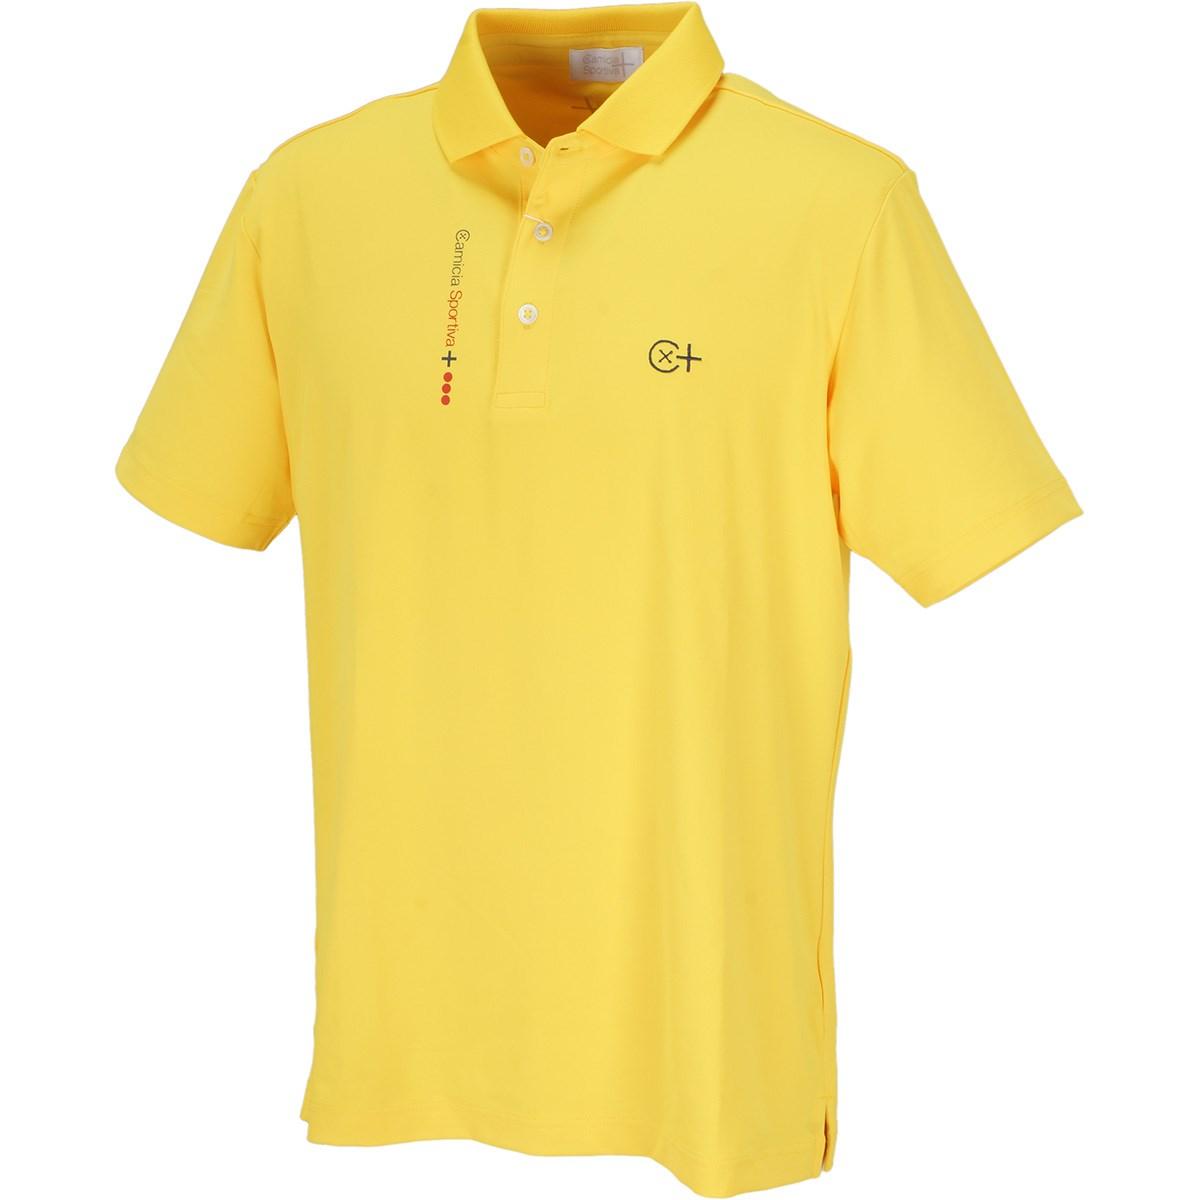 カミーチャスポルティーバプラス CamicaSportiva+ TWINCOT UV半袖ポロシャツ 48 イエロー